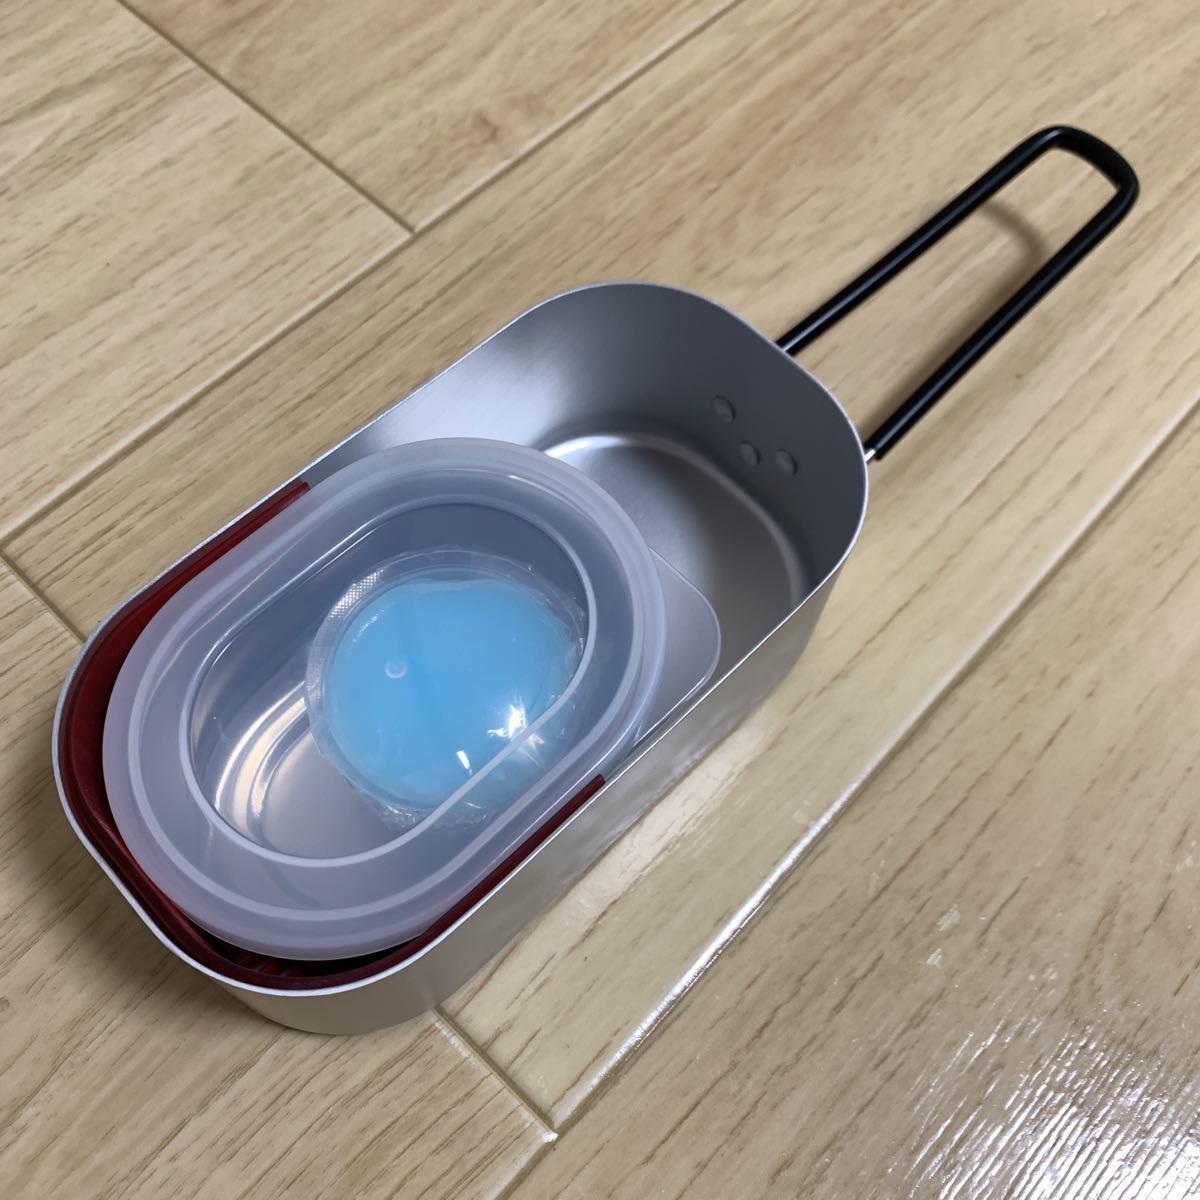 ★値下げ★ダイソーメスティン用米研ぎ器